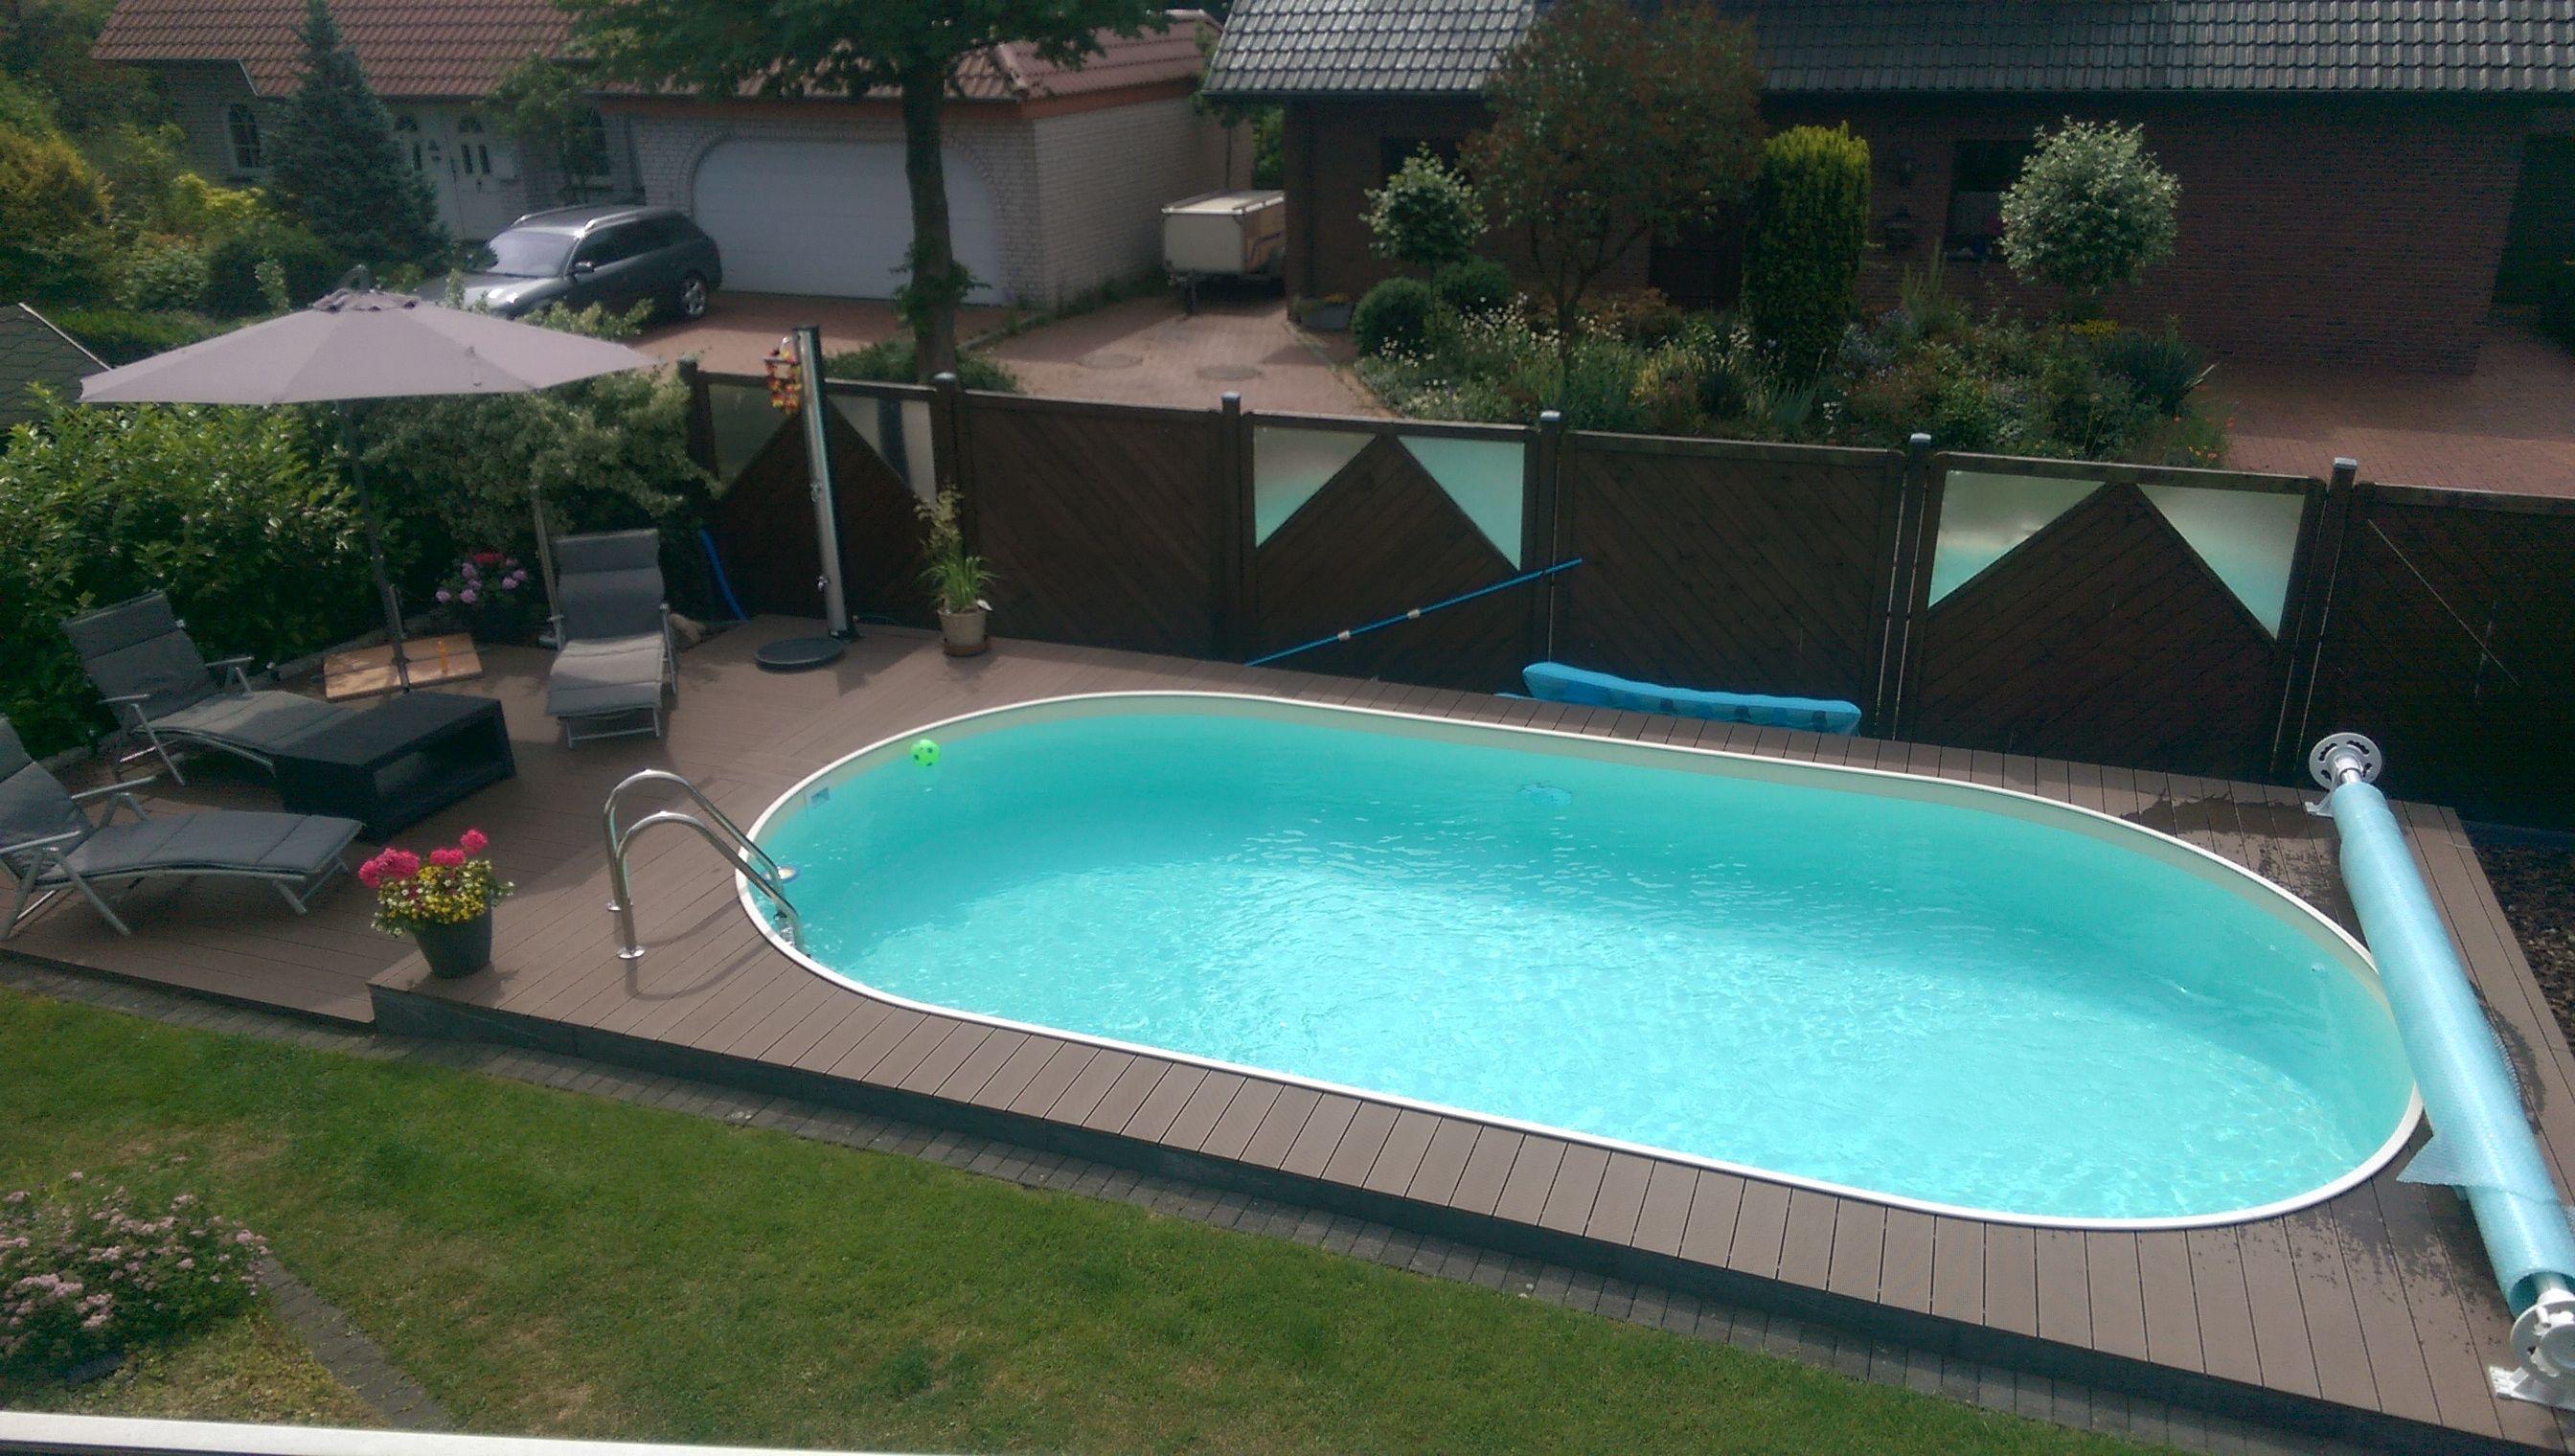 Der eigene Pool im Garten sorgt auch zu Hause für das richtige Urlaubsflair pool oval Gartenpools von POOLSANA Pinterest